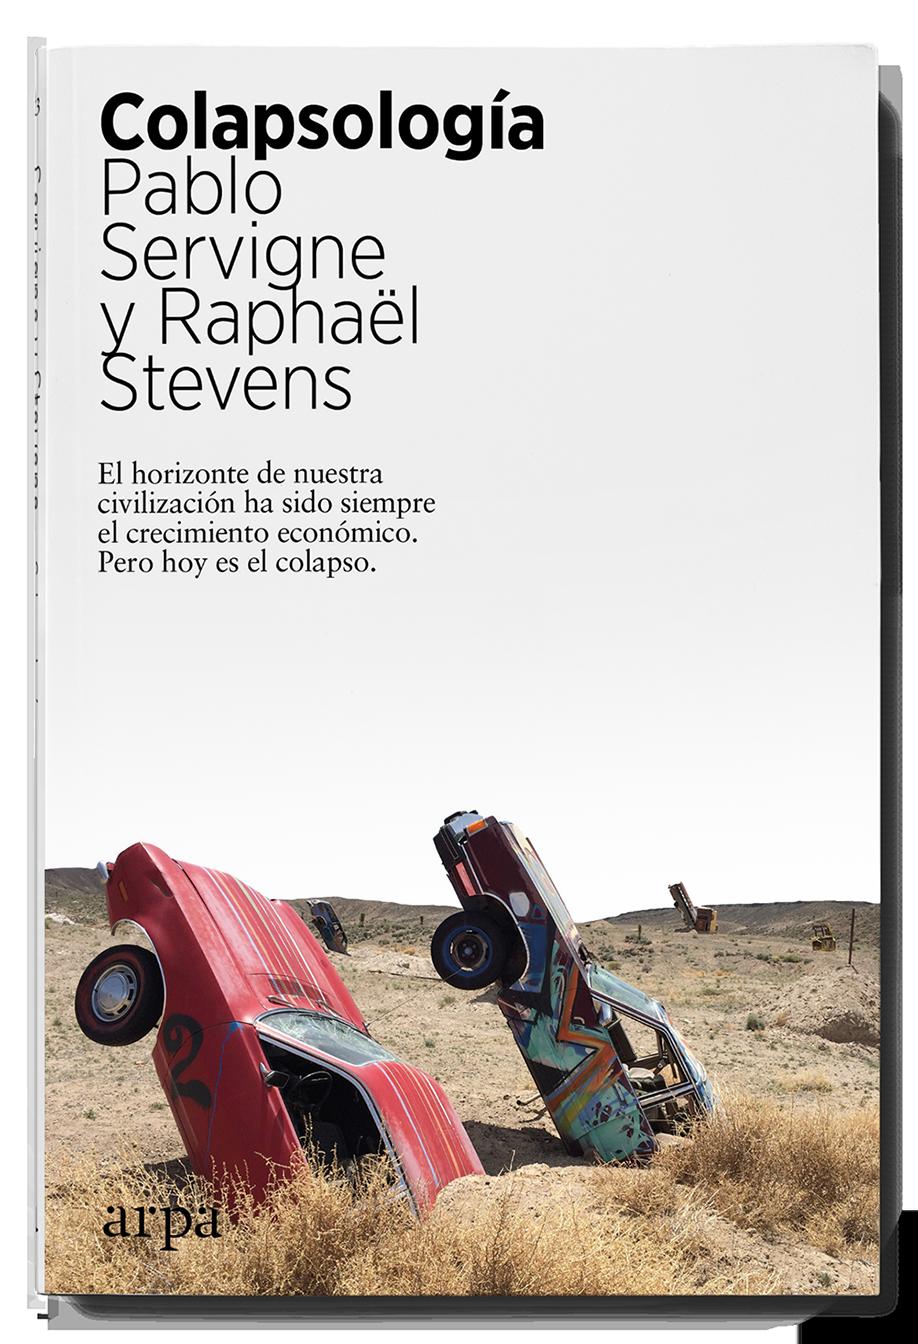 Colapsología, de Pablo Servigne y Raphaël Stevens, sale el 16 de septiembre en español gracias a Arpa Editores.